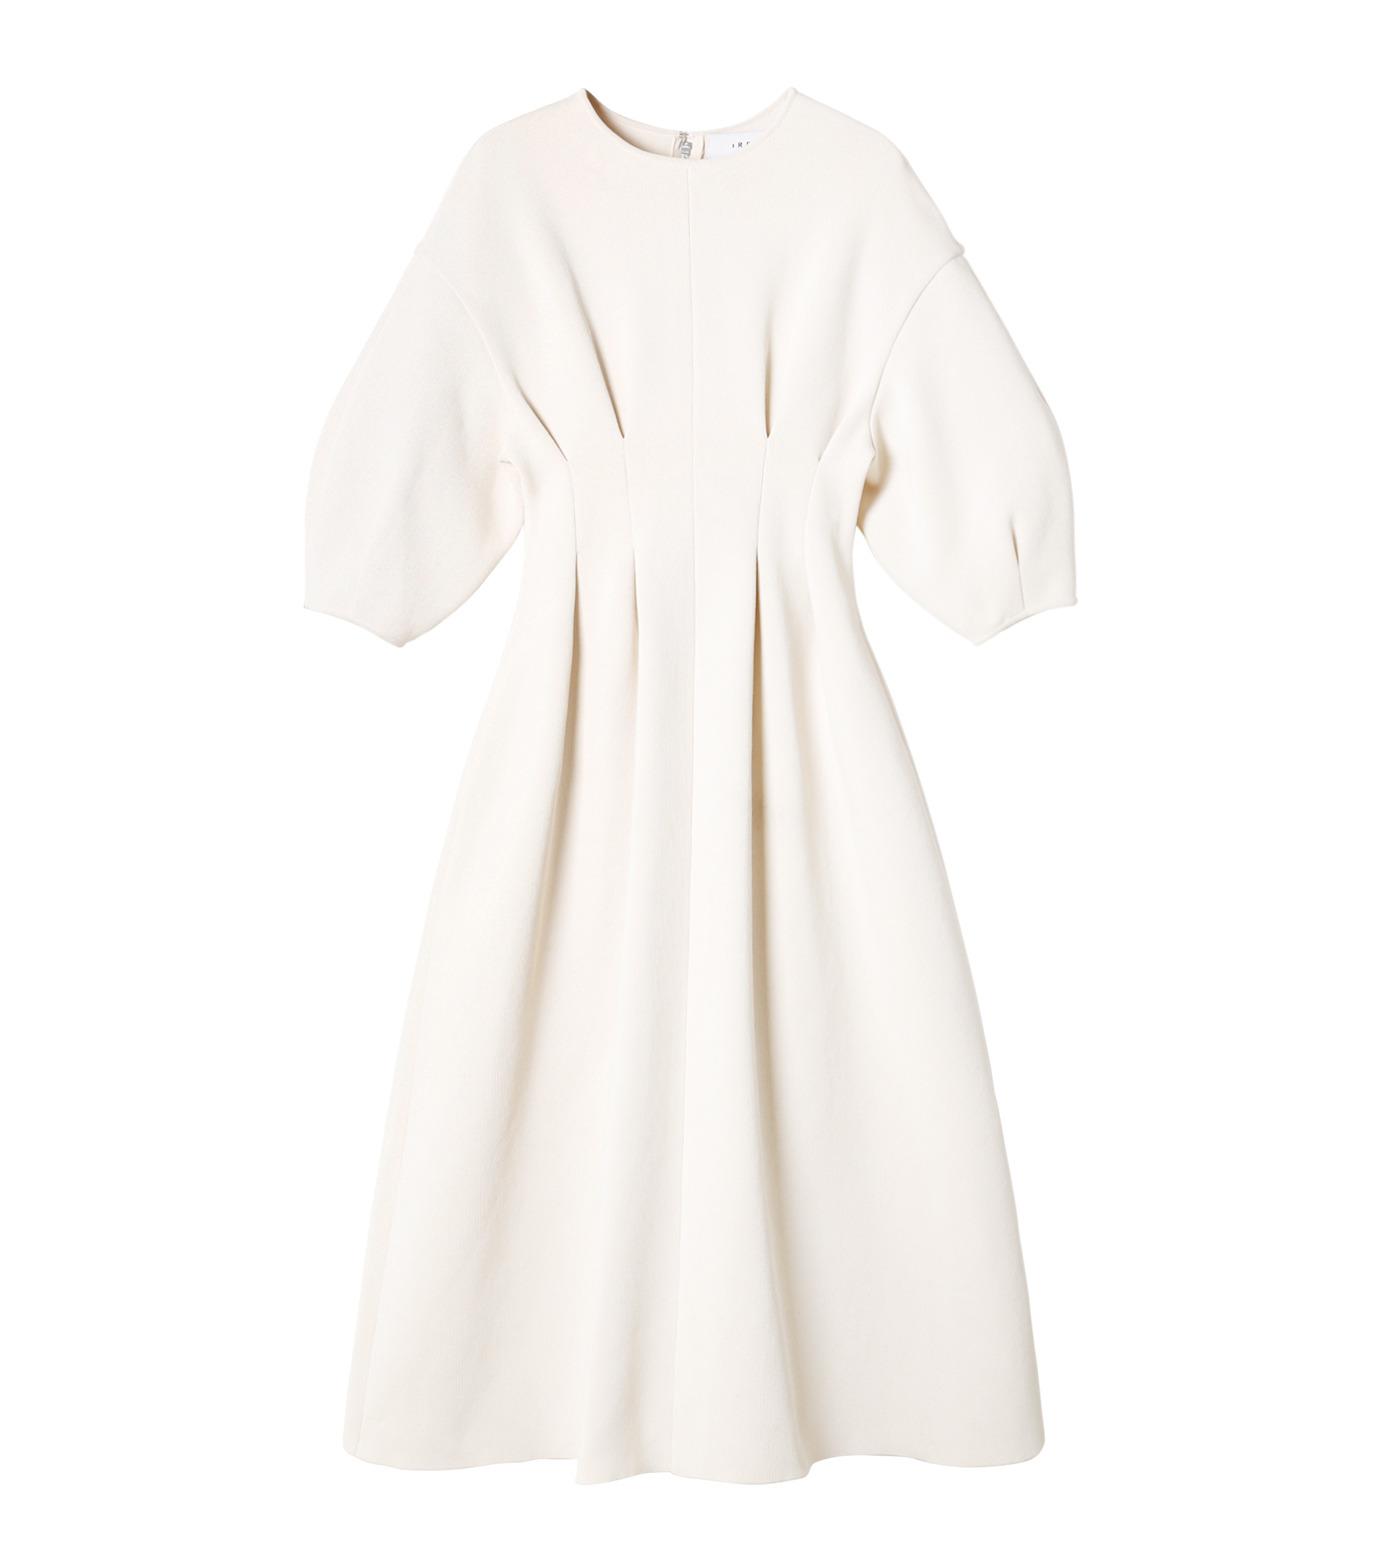 IRENE(アイレネ)のコットンニットドレス-WHITE(ワンピース/one piece)-19S85009 拡大詳細画像8